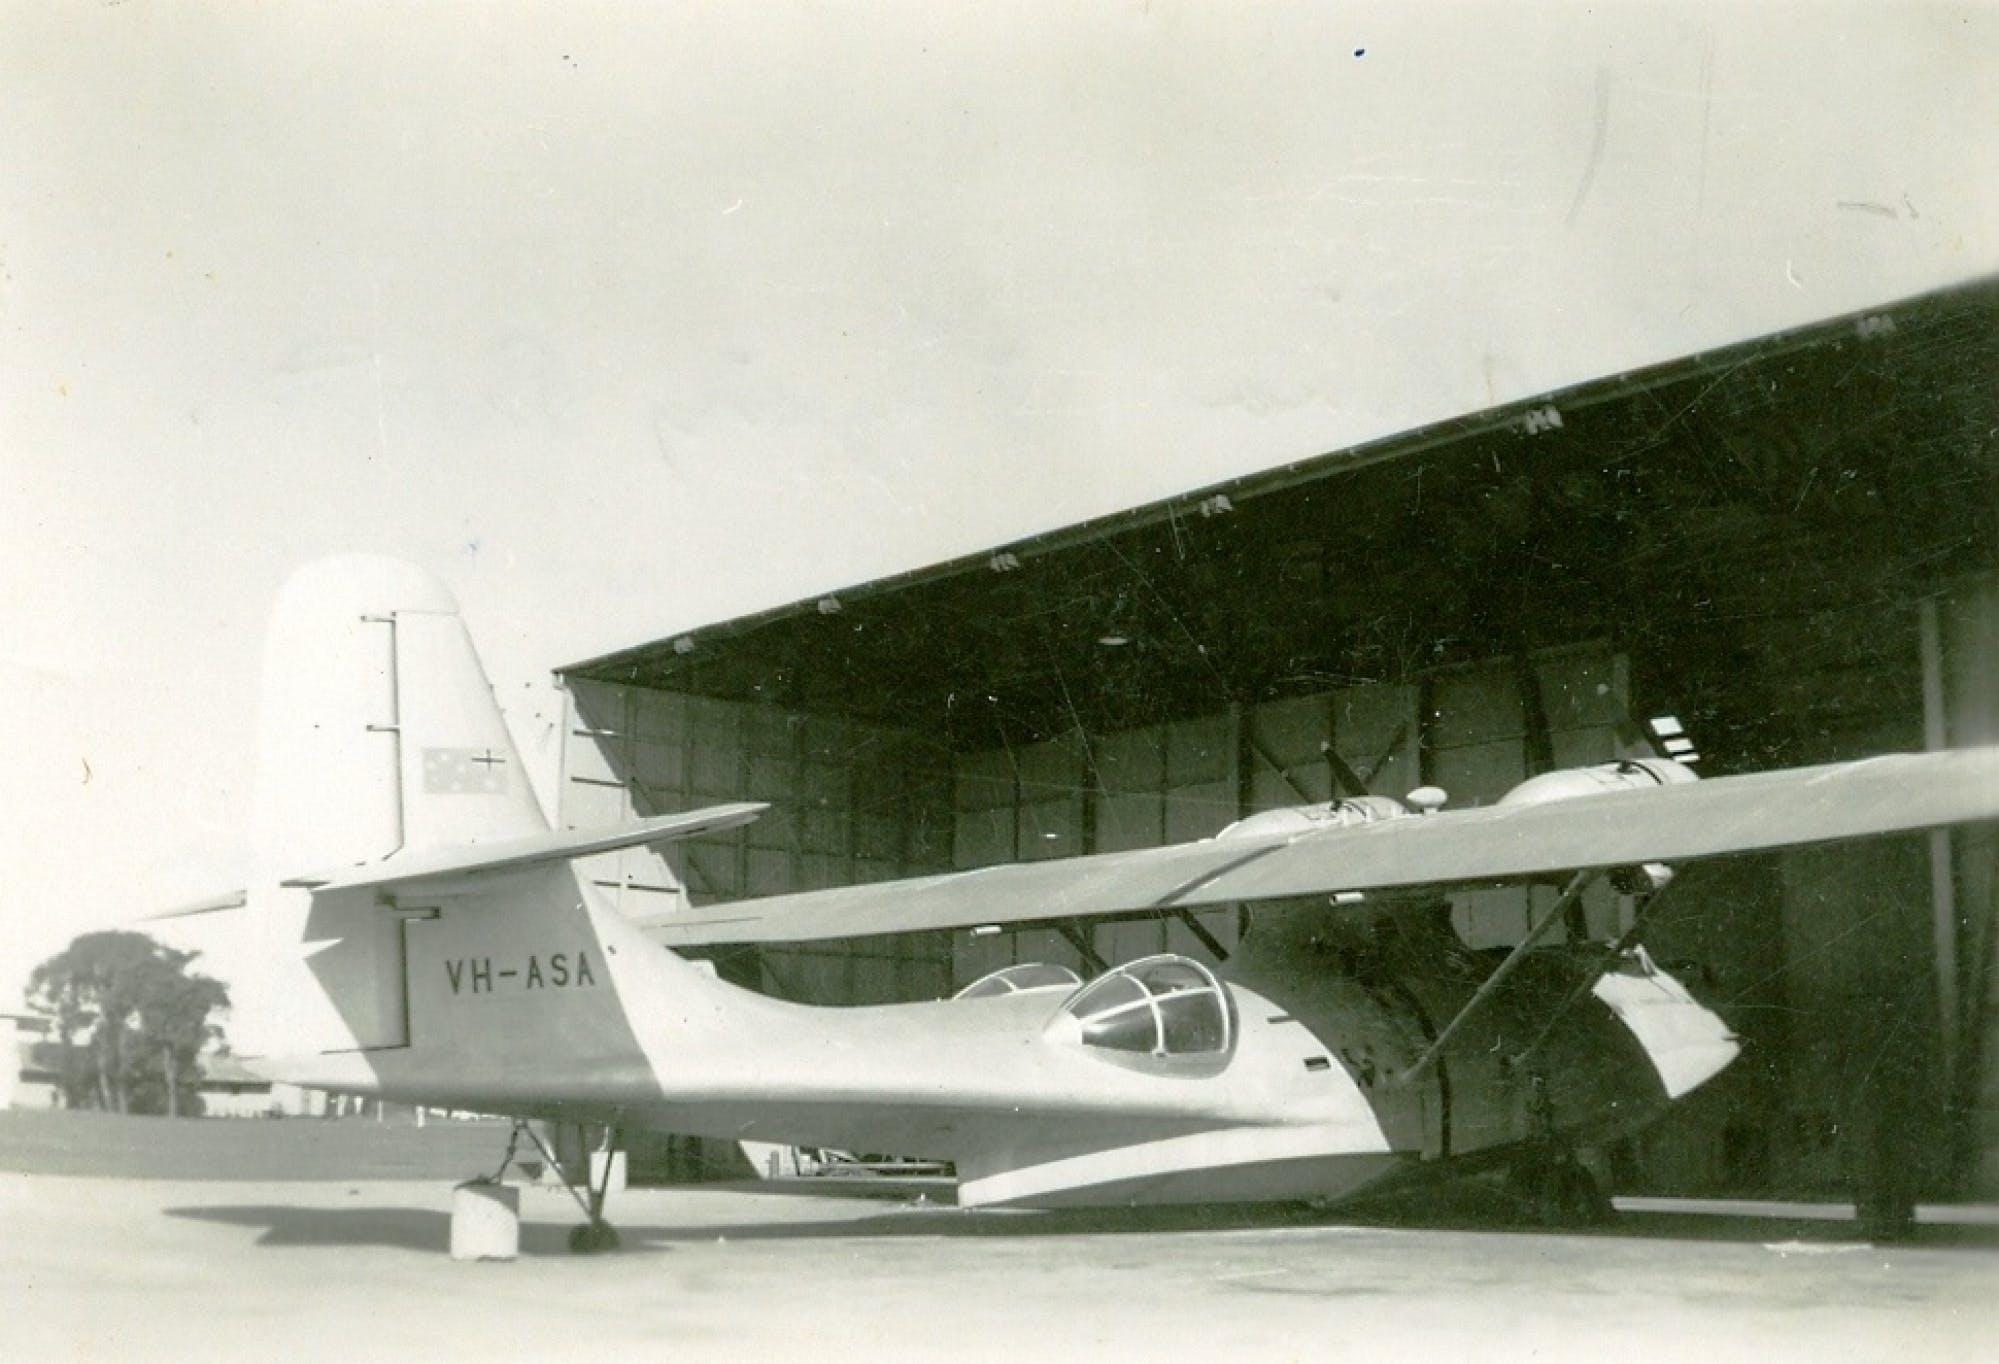 Catalina Flying Boat At Rathmines Air Base